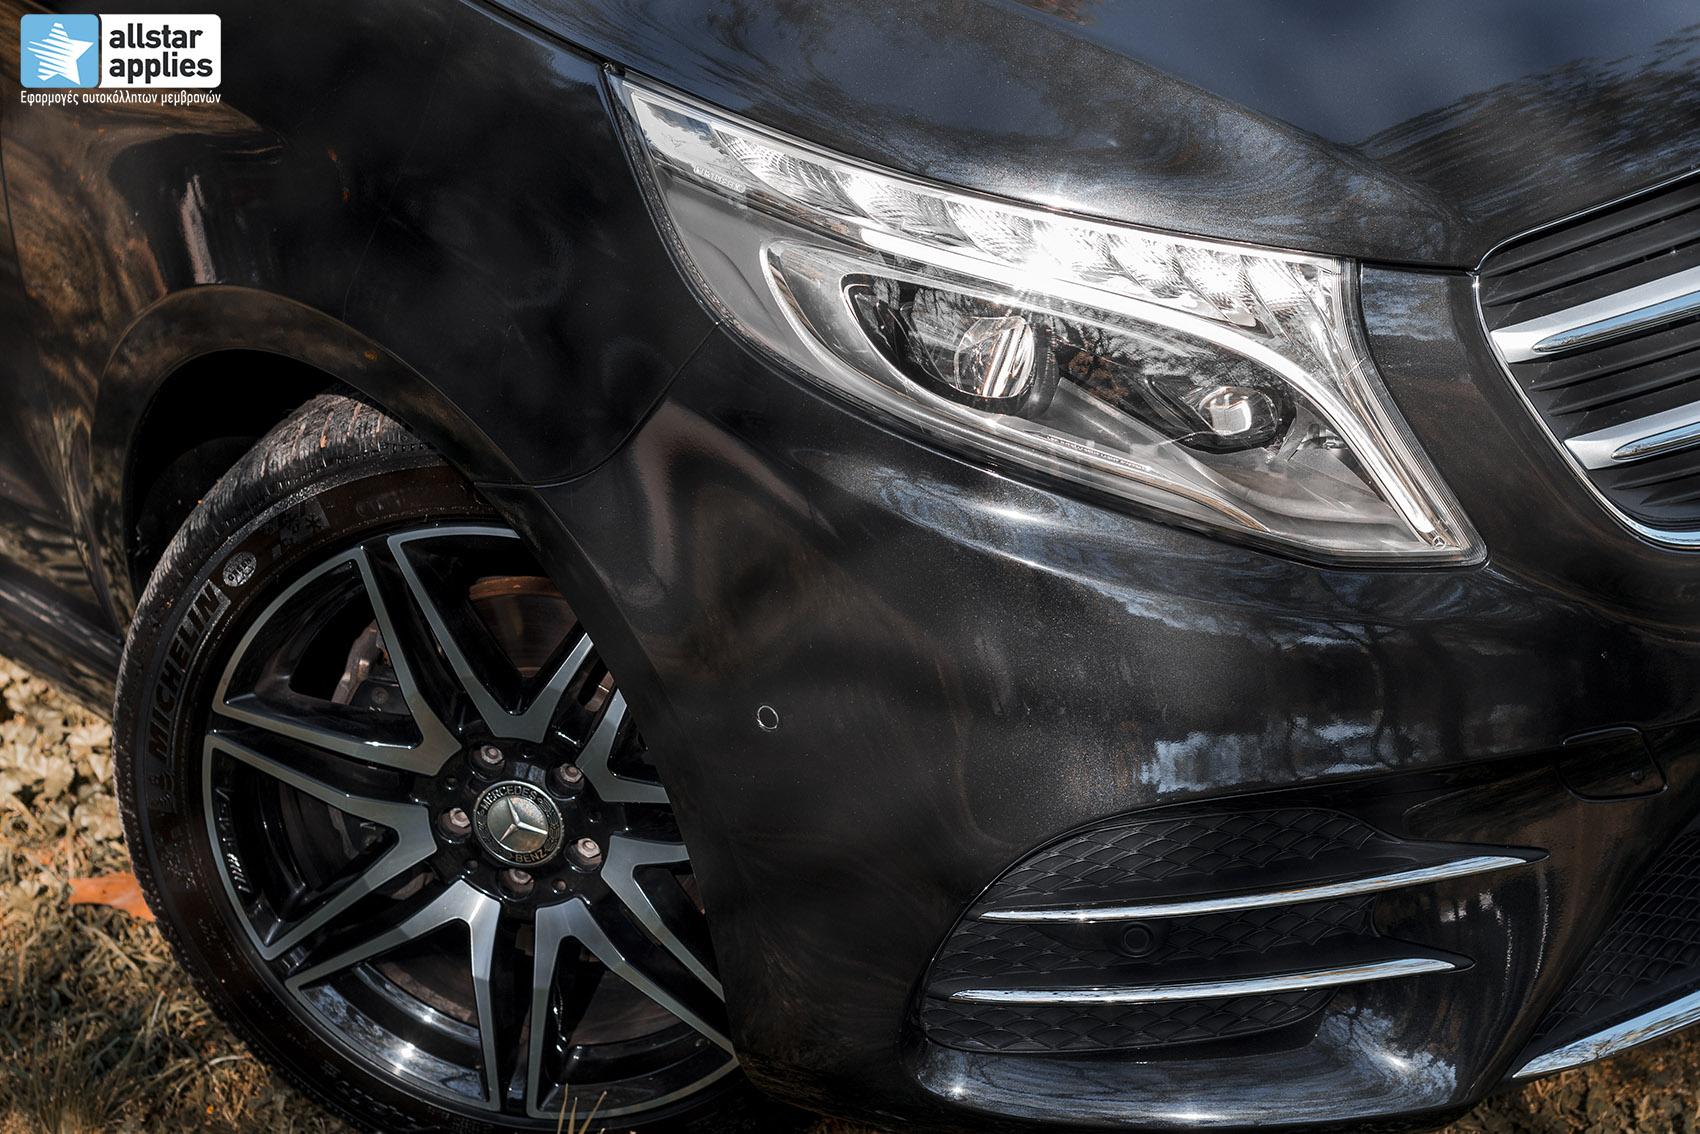 Μεμβράνες για φανάρια Mercedes Benz V class AMG Allstar Applies Θεσσαλονίκη